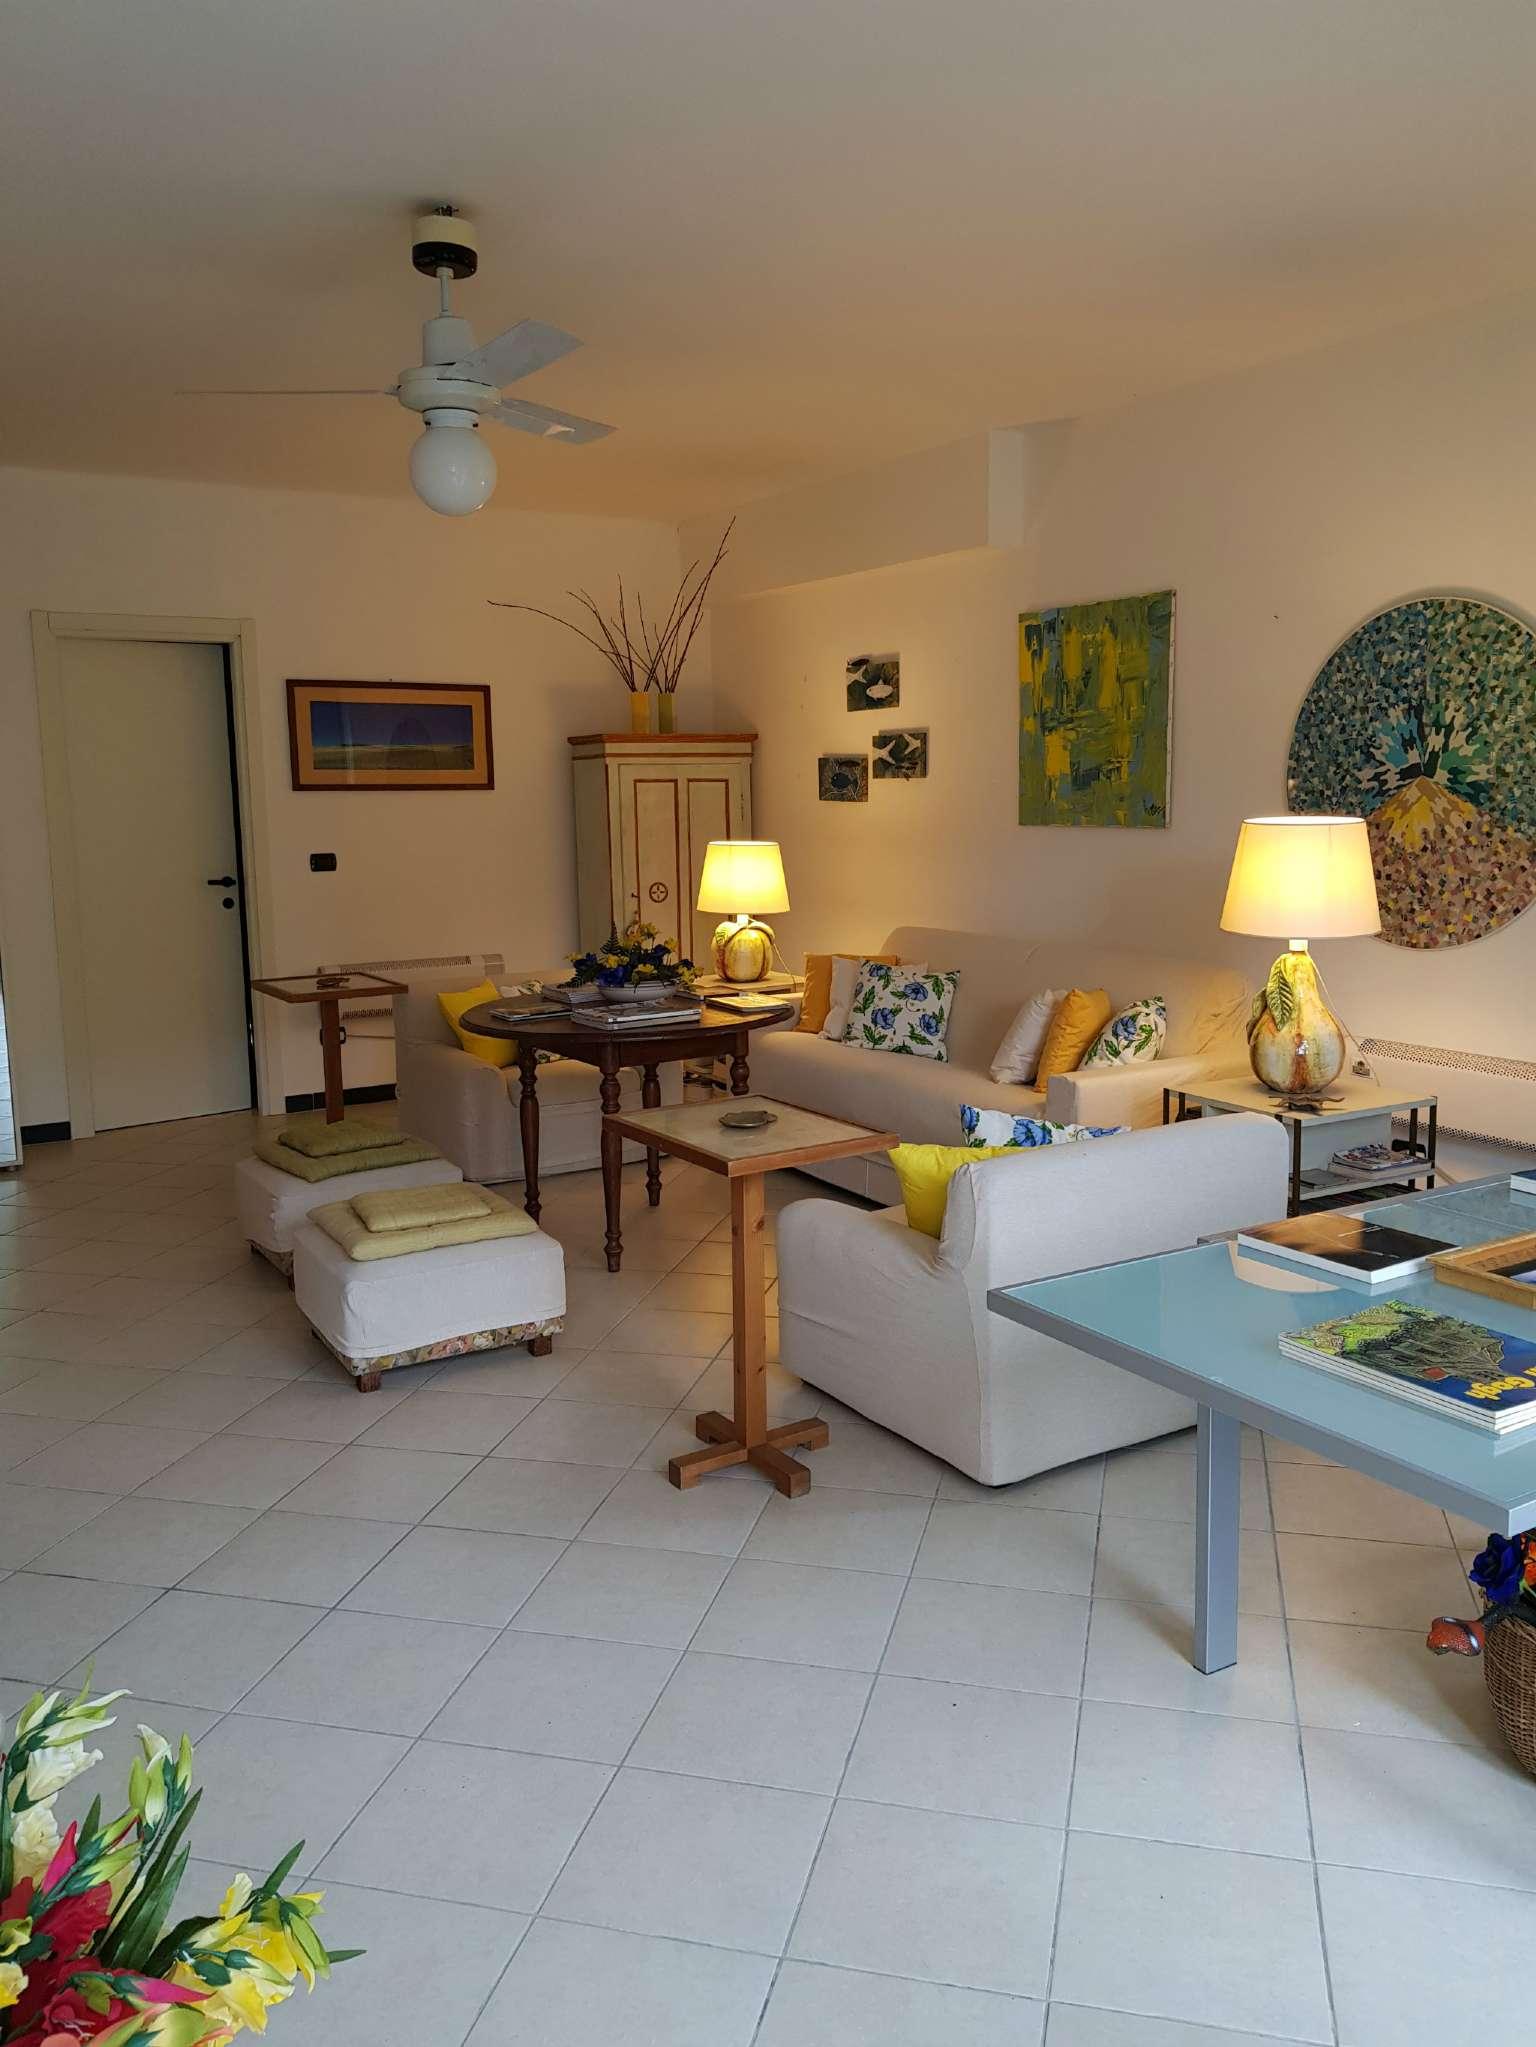 Appartamento in vendita a Castelbianco, 1 locali, prezzo € 190.000 | PortaleAgenzieImmobiliari.it